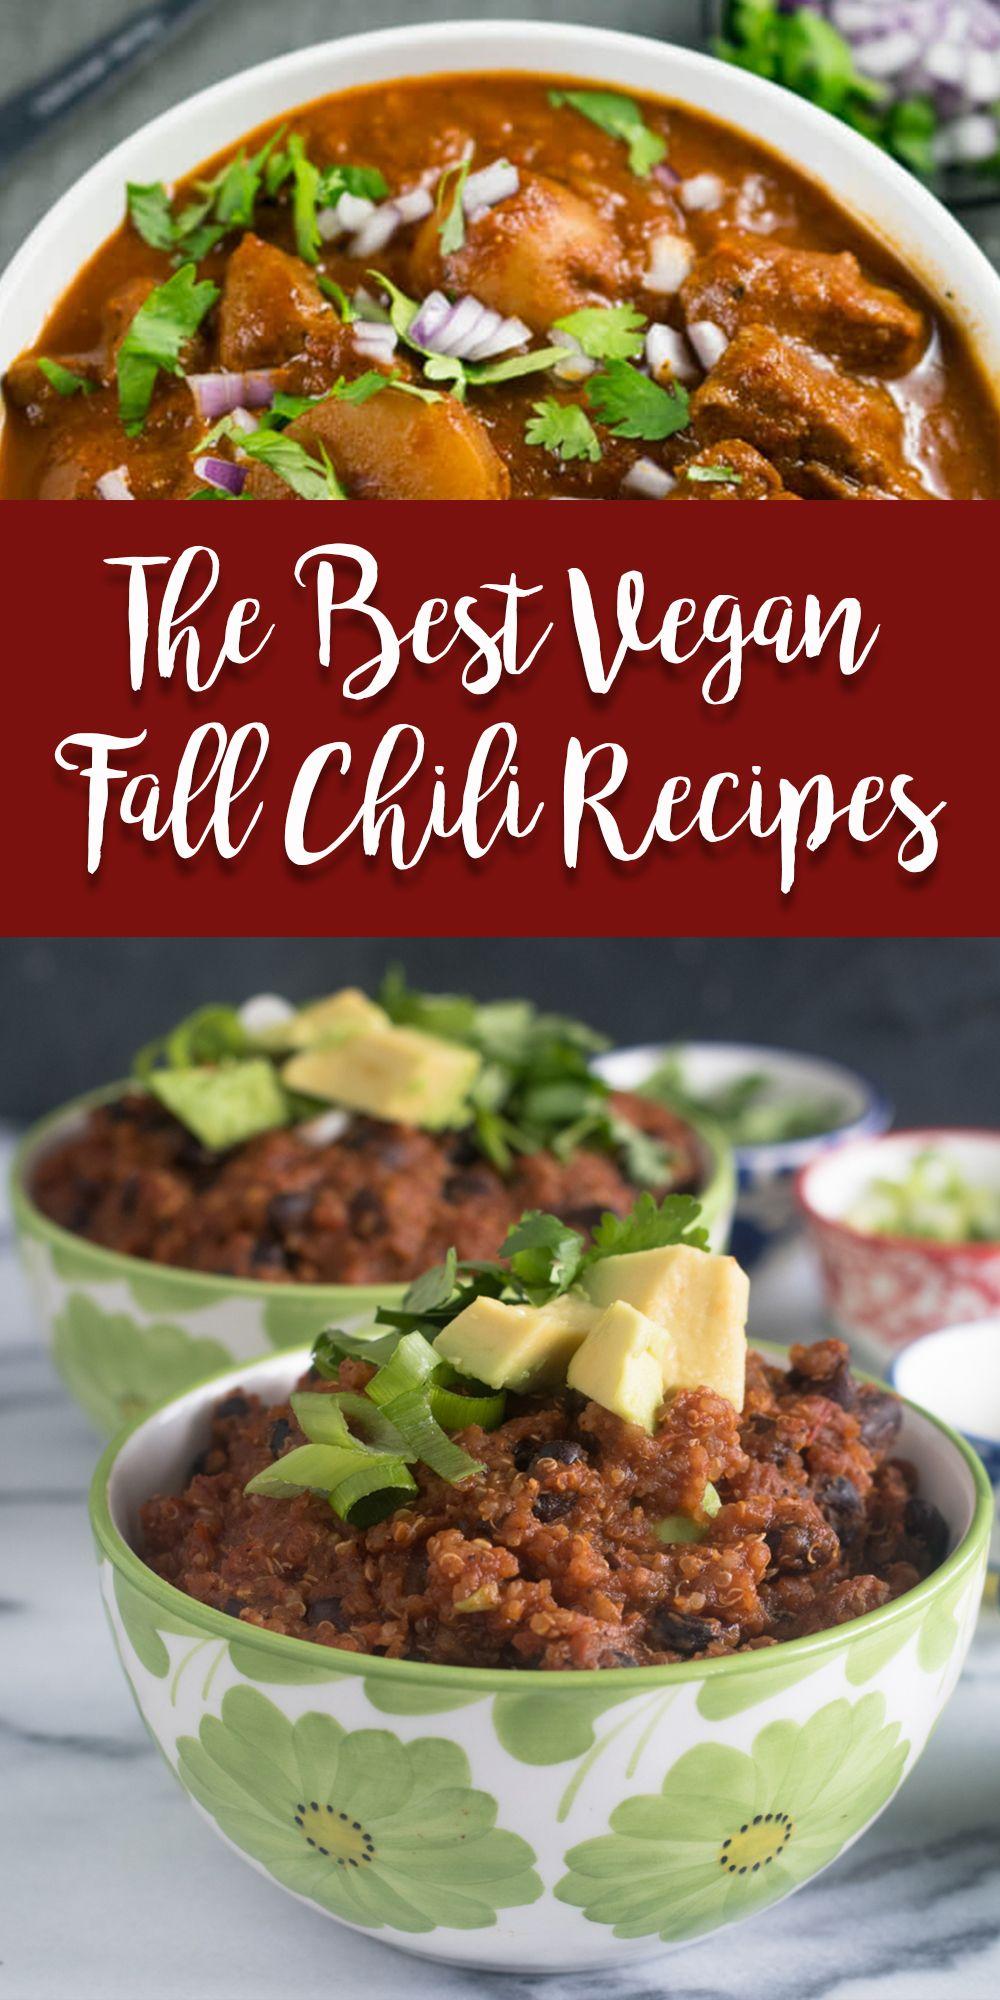 The Best Vegan Fall Chili Recipes Vegan Vegan Chili